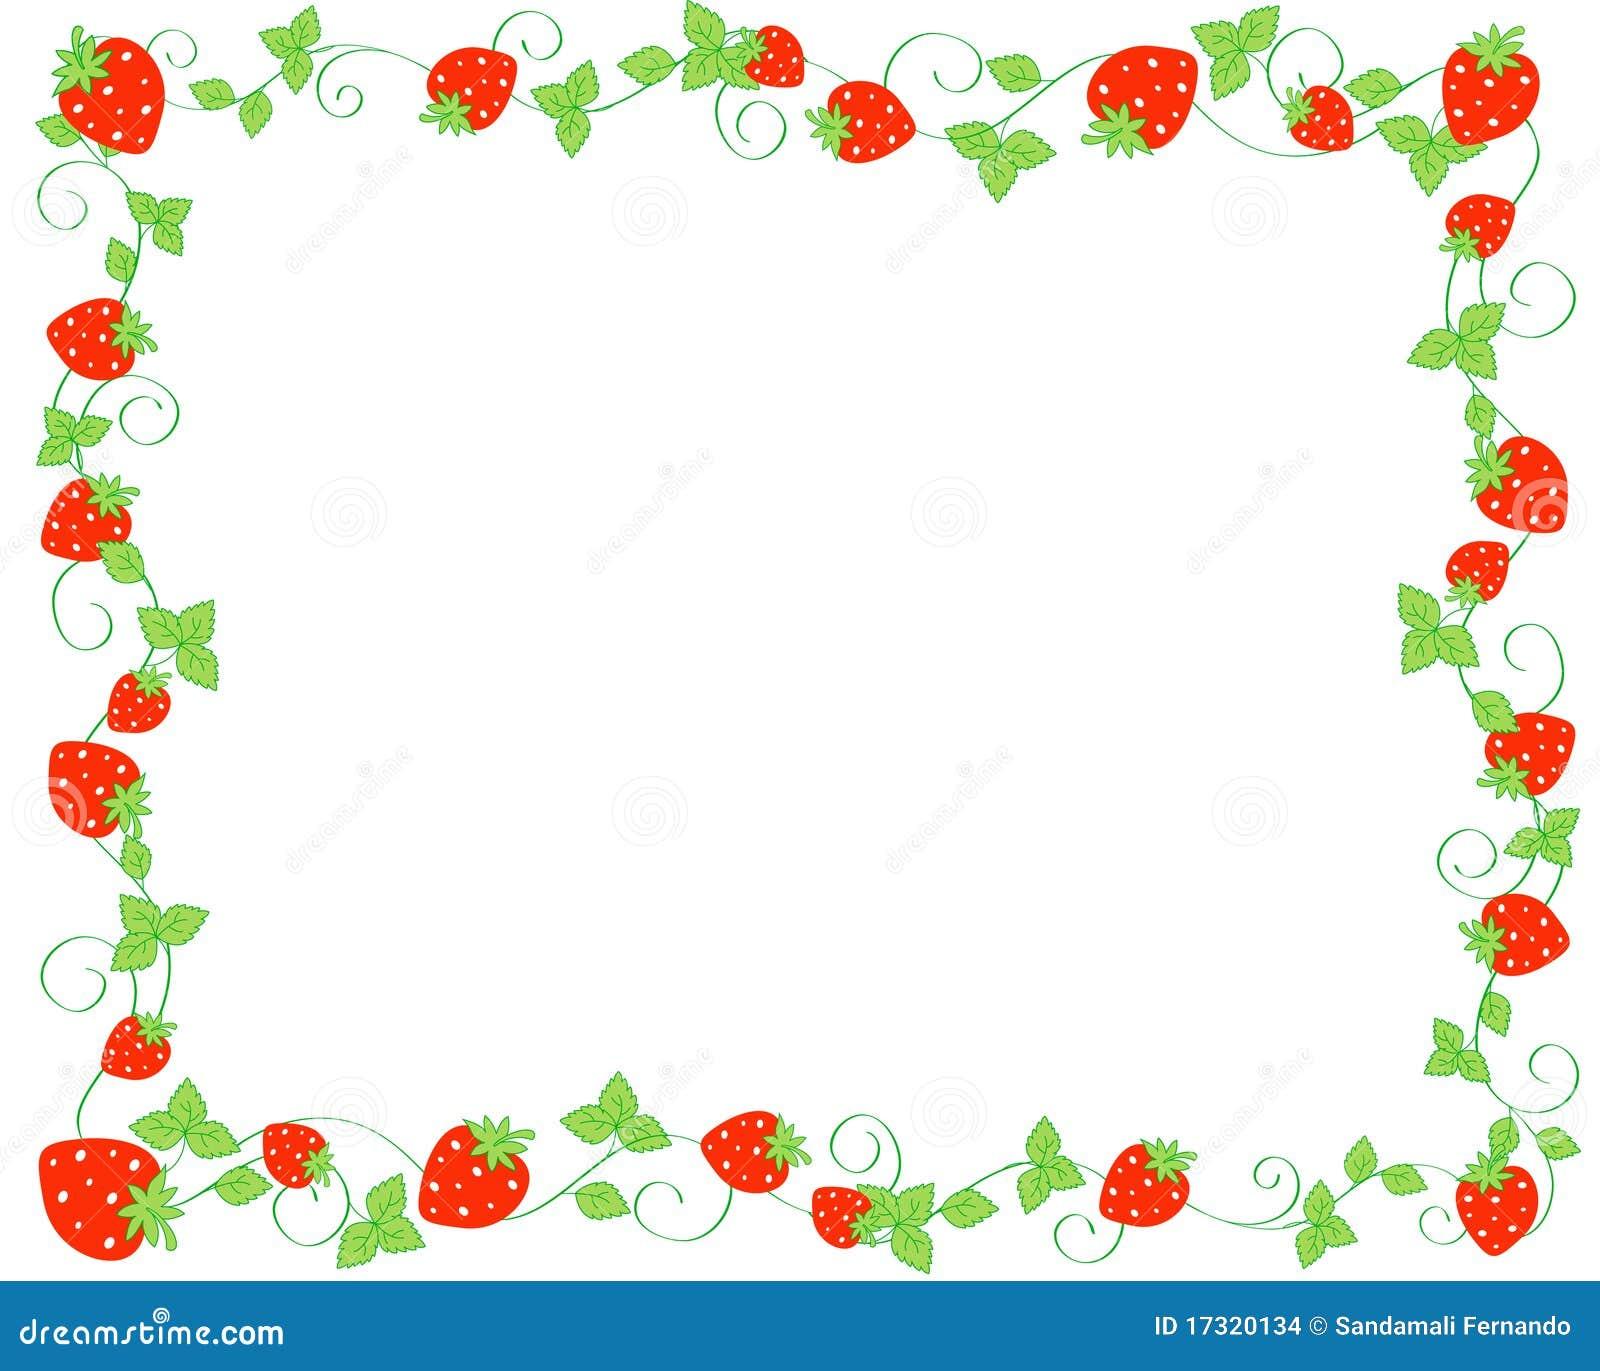 Red strawberries border / frame on white background.